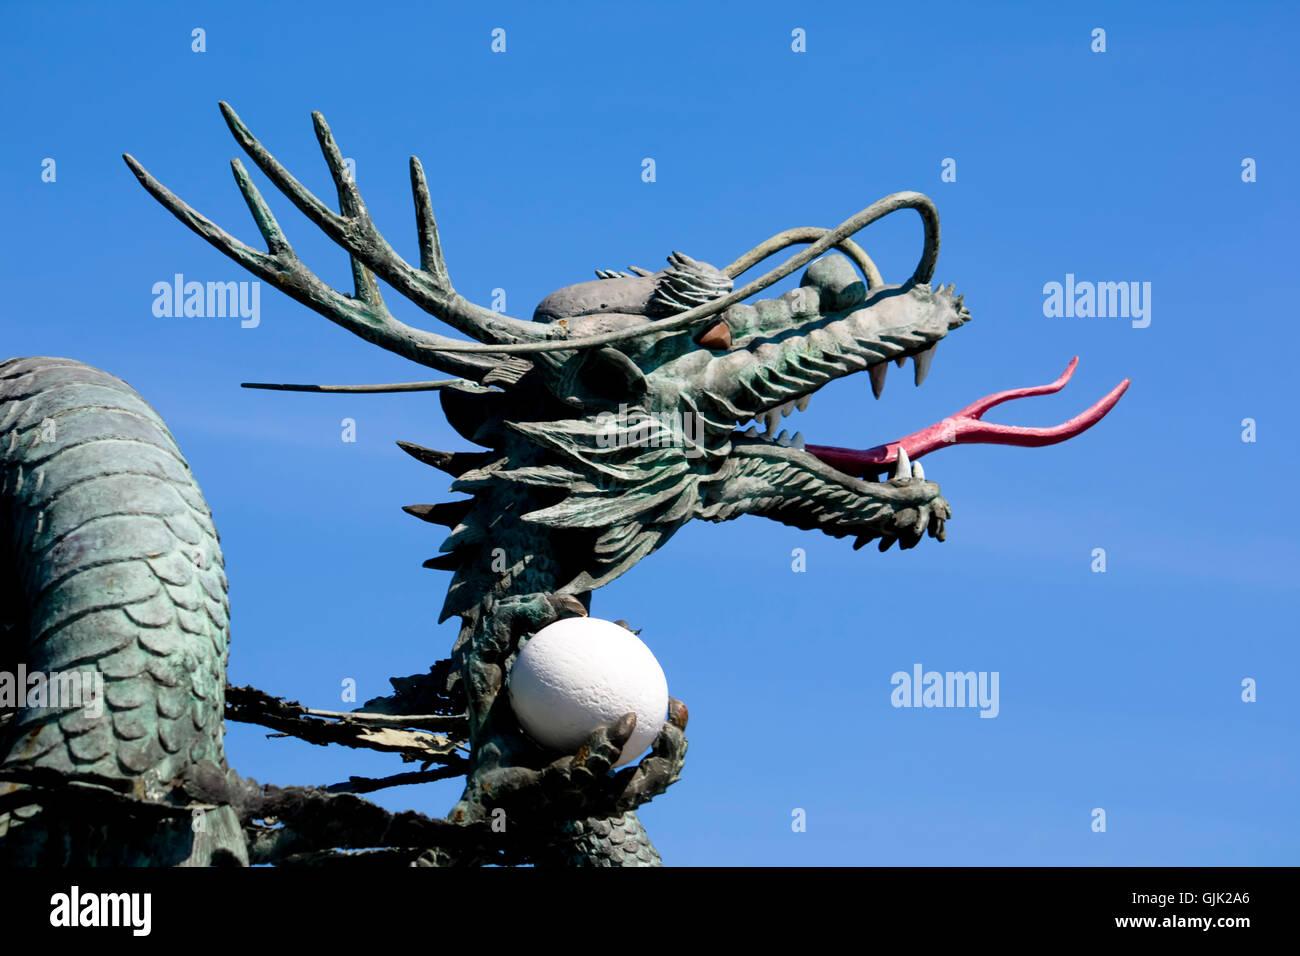 Korean Dragon: Korean Dragon Stock Photo: 114744958